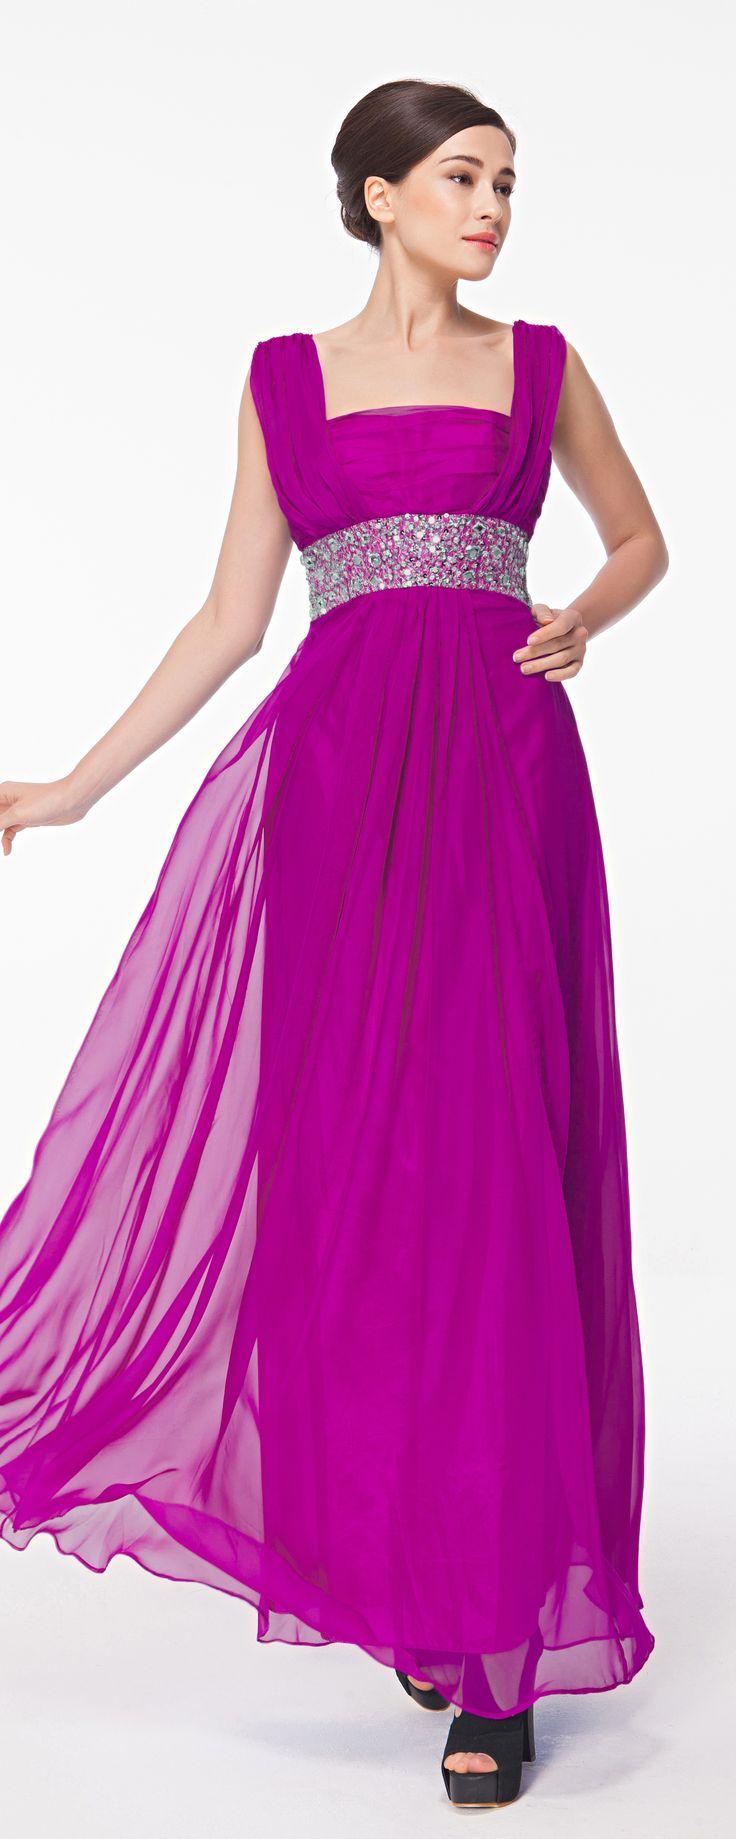 Único Purple Bridesmaid Dresses Plus Size Composición - Colección de ...